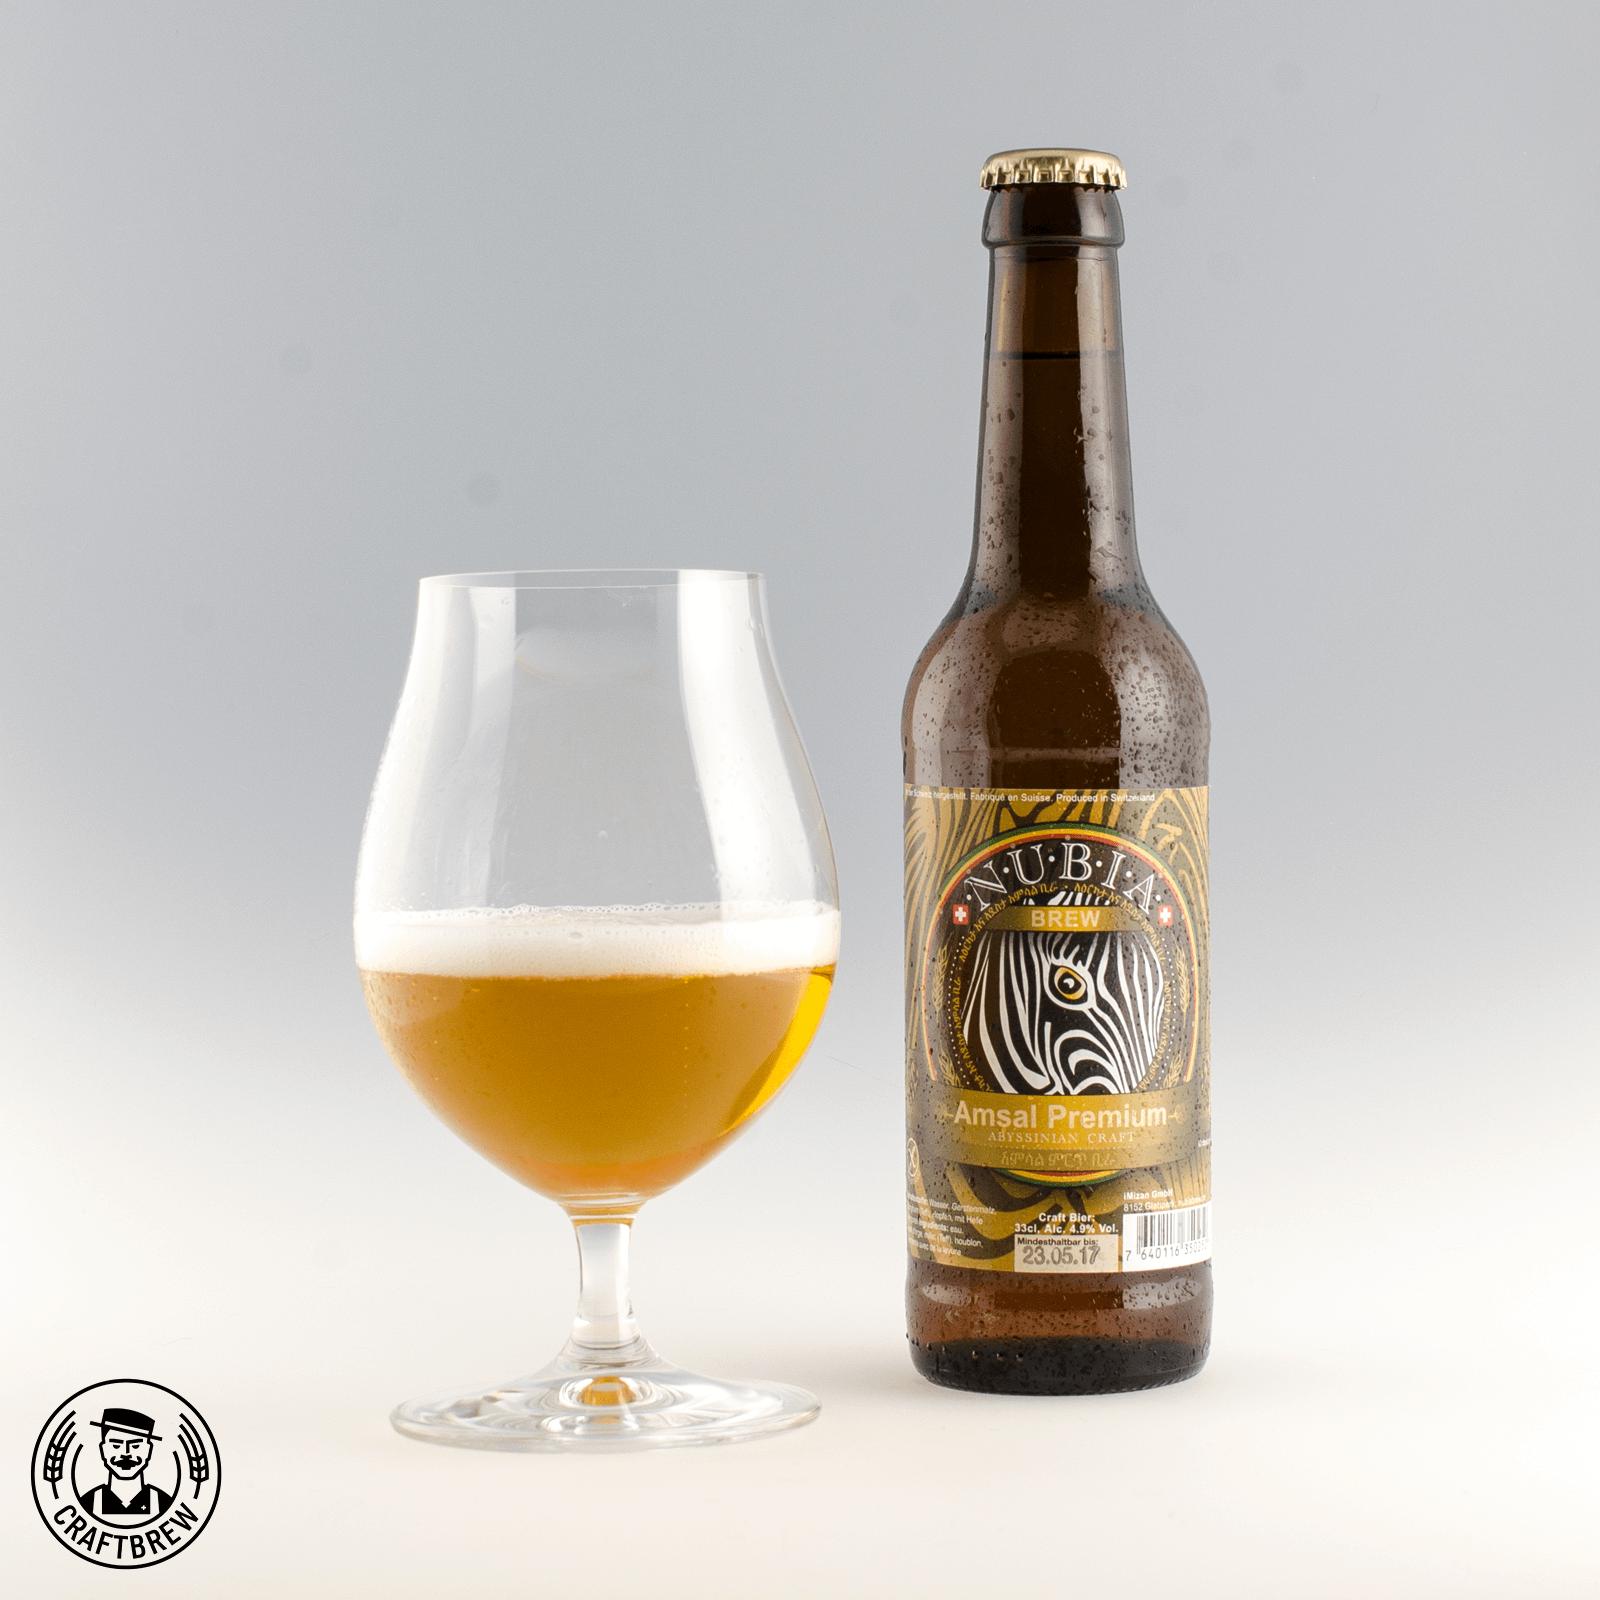 Amsal Premium - Nubia Bier